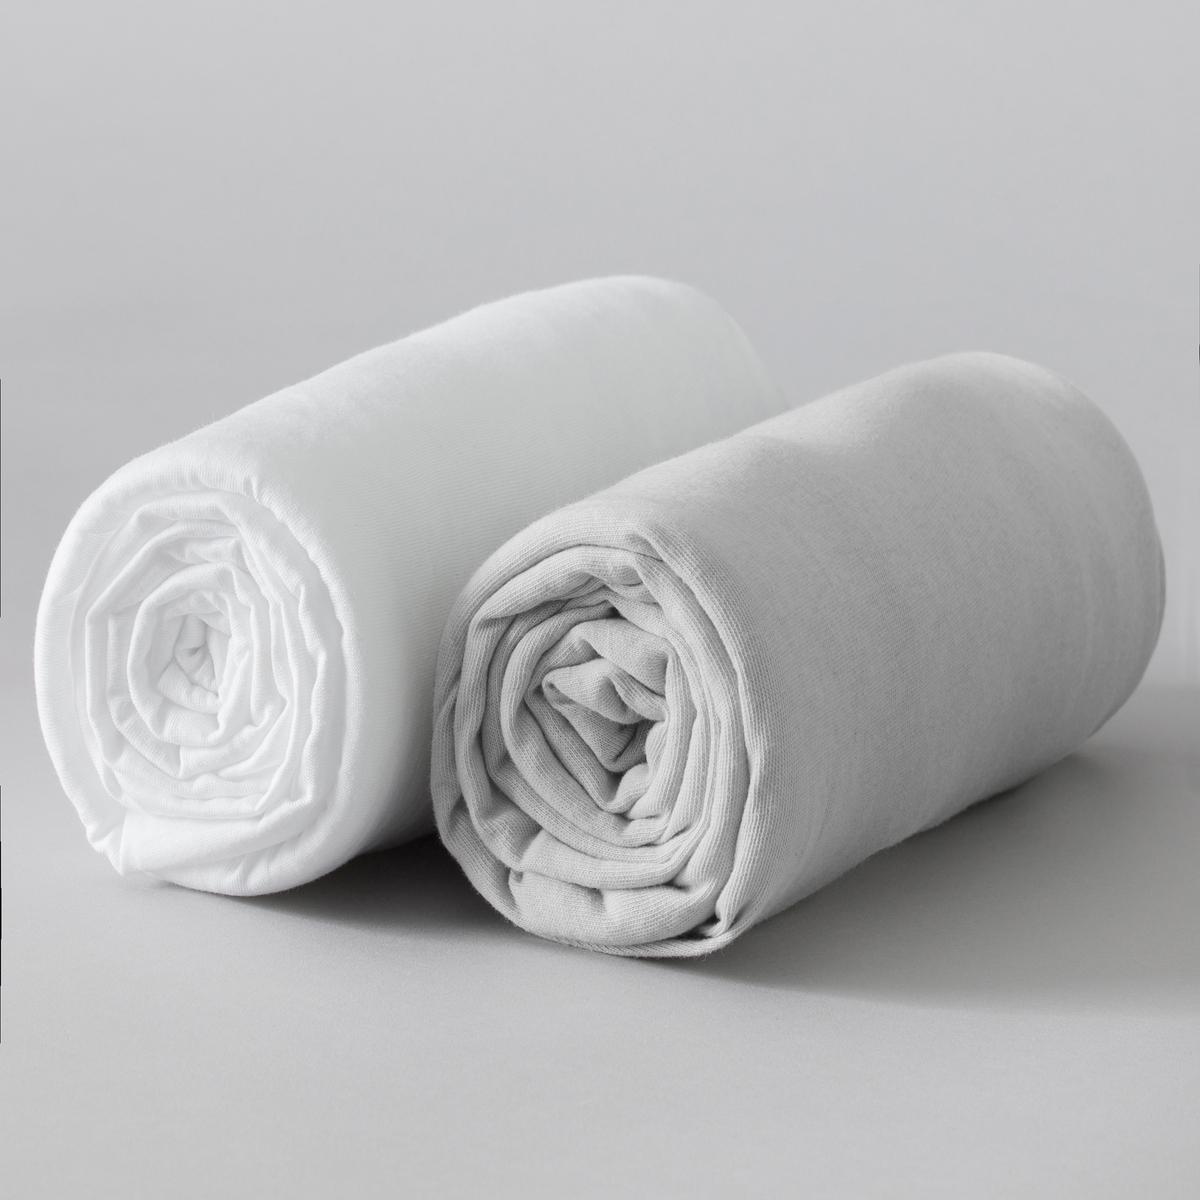 2 натяжные простыни КселиКачество VALEUR S?RE. Однотонная ткань нежных цветов из 100% хлопка. Джерси стретч, 100% хлопка. Эластичные края. В комплекте 2 простыни: 1 белая + 1 цветная.    Стирка: цветное белье при 60°, белое белье при 90°.<br><br>Цвет: серый/ белый